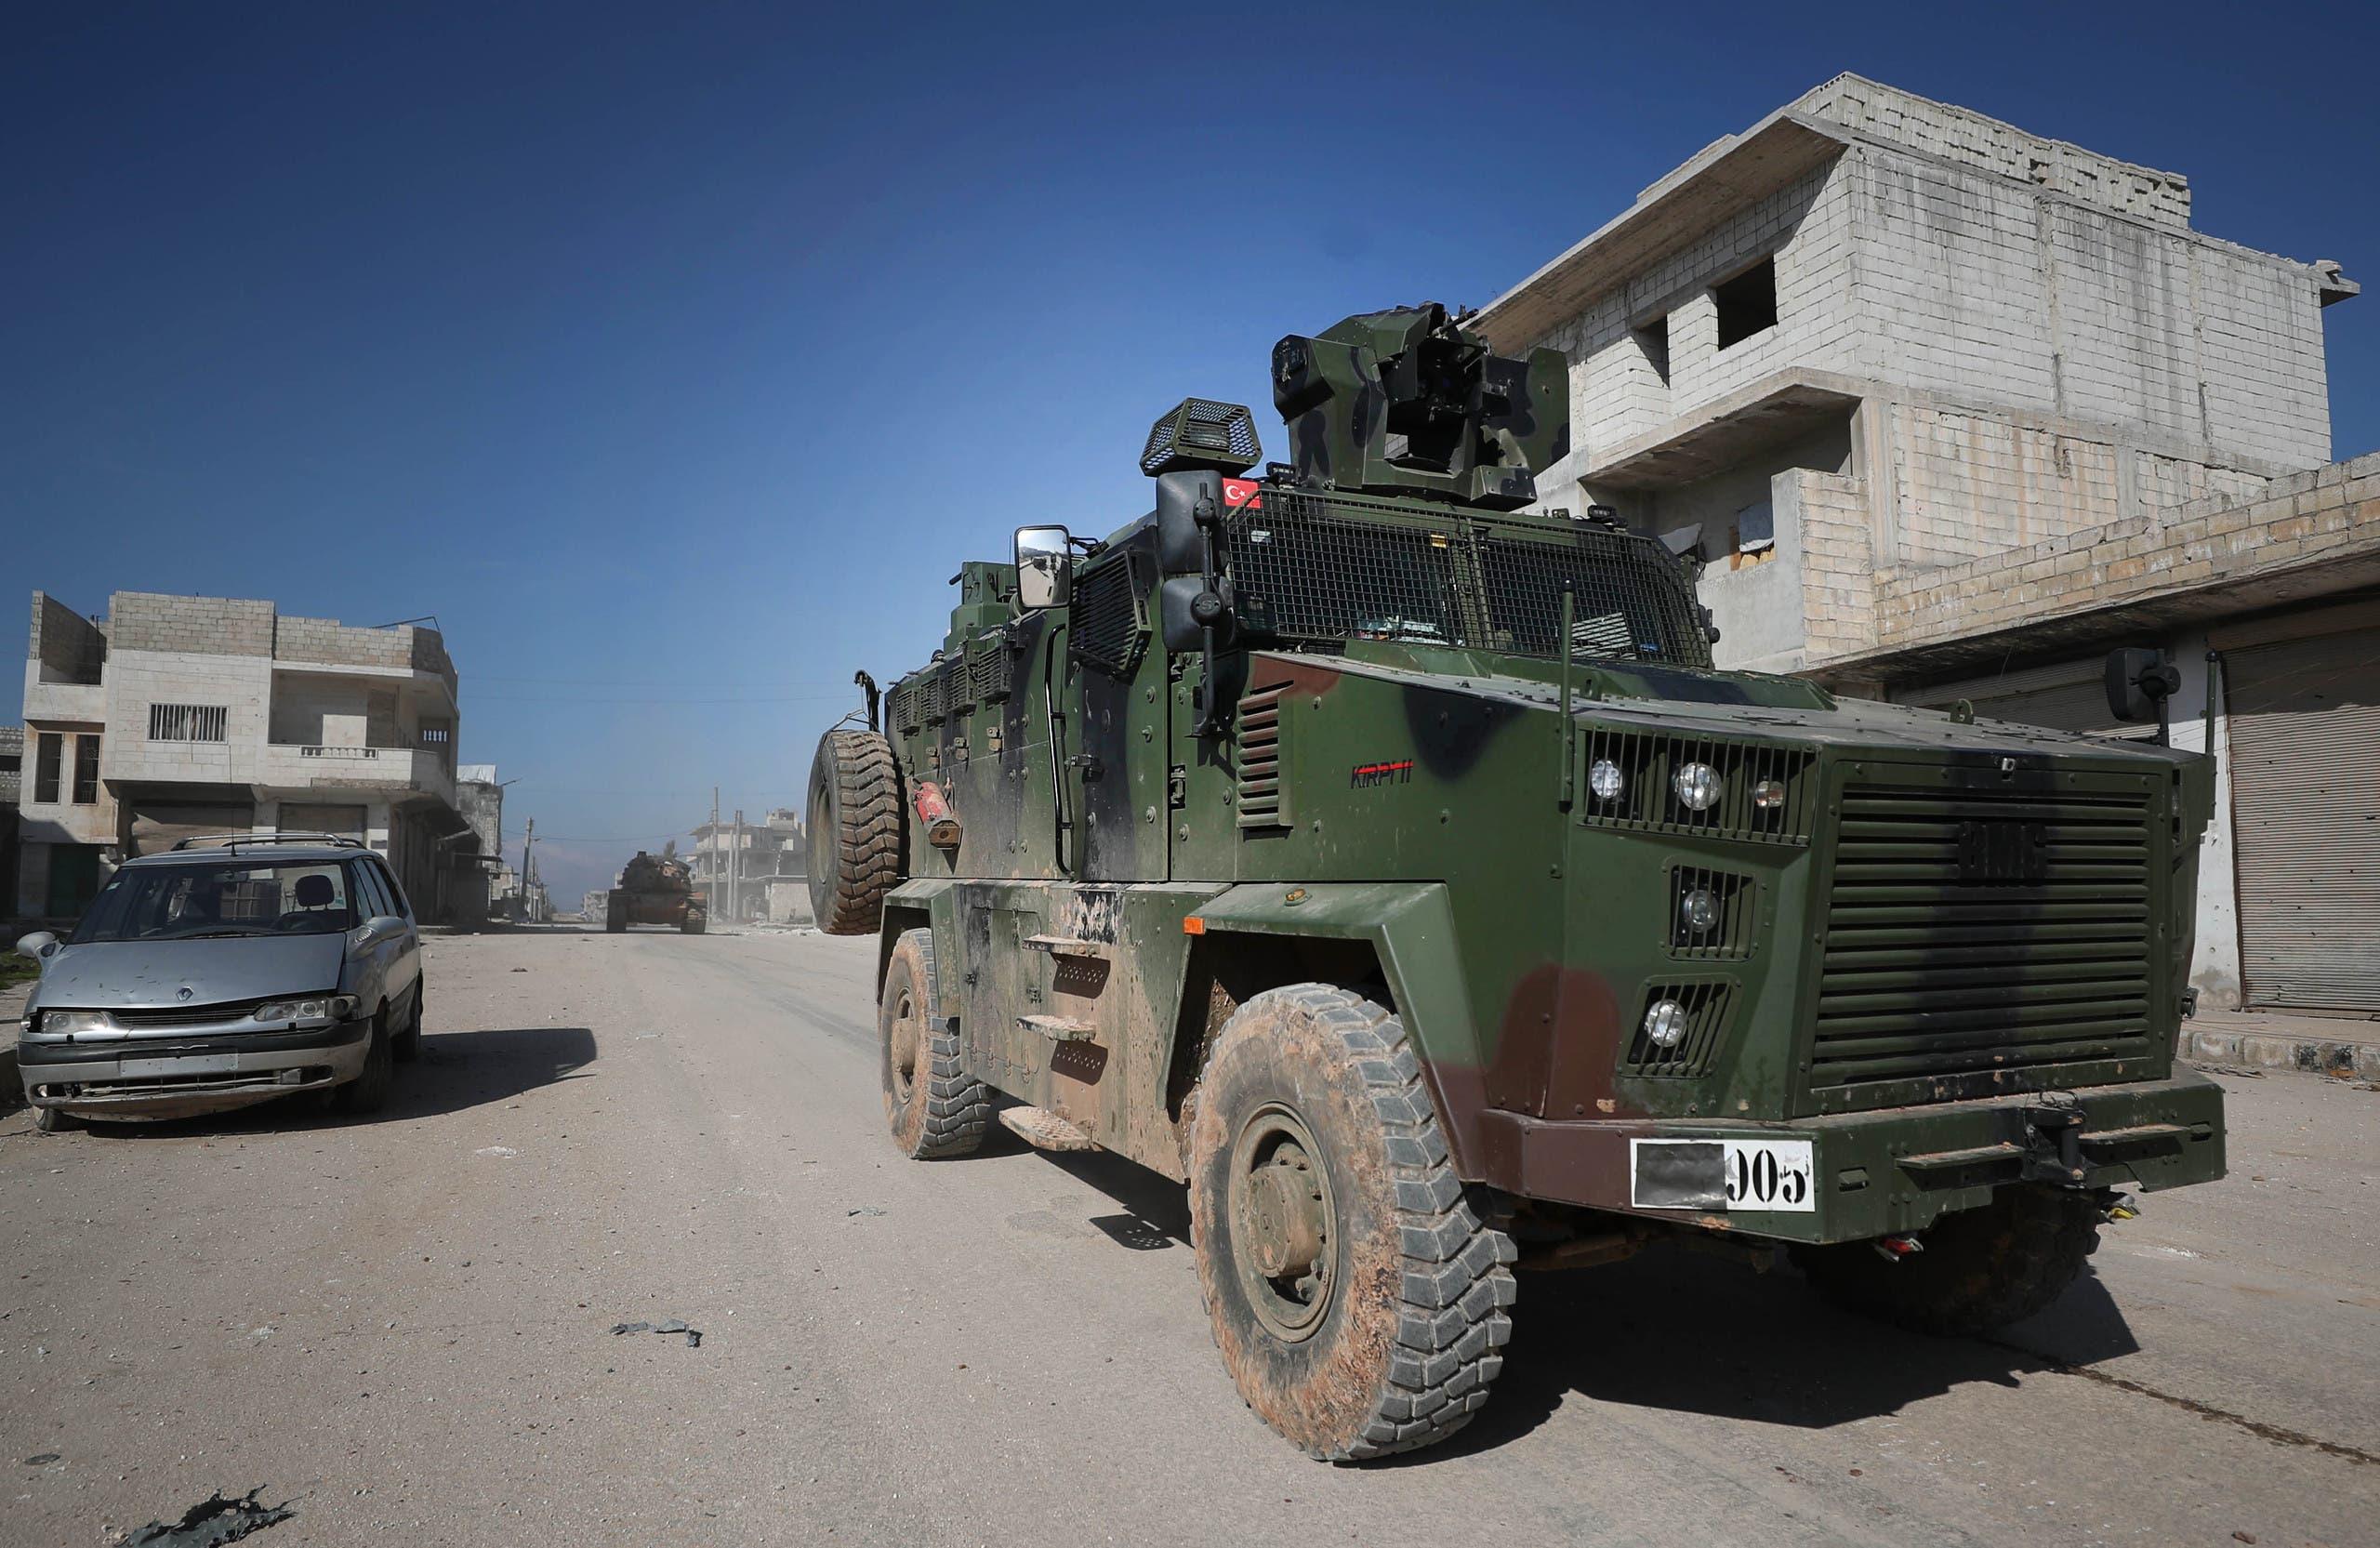 آلية تركية في بلدة سرمين في إدلب (20 فبراير- فرانس برس)